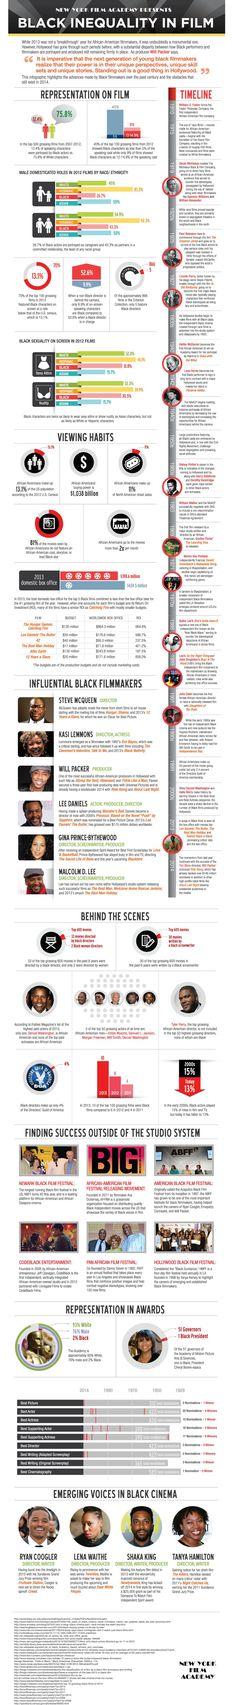 A Academia de Cinema de Nova York criou um infográfico detalhado sobre a desigualdade de gênero no cinema.